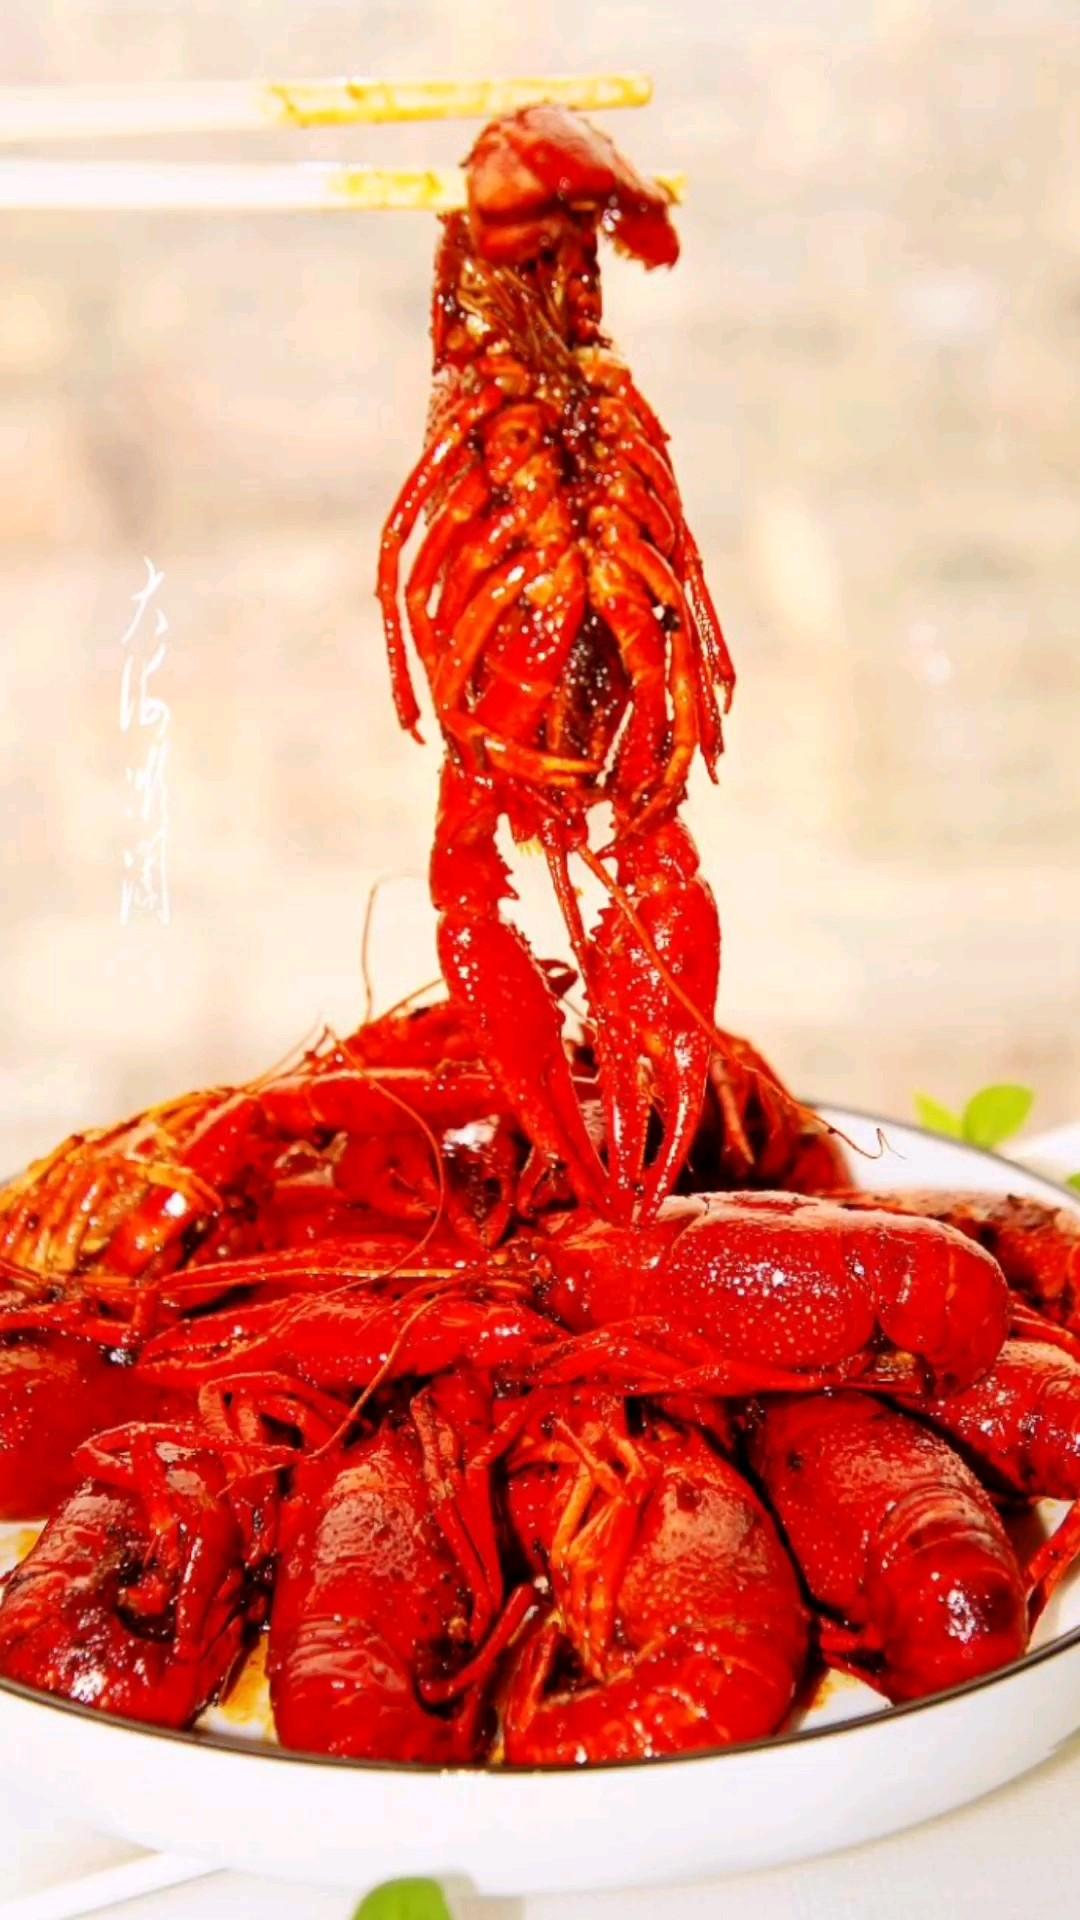 麻辣小龙虾,吃一口就上瘾